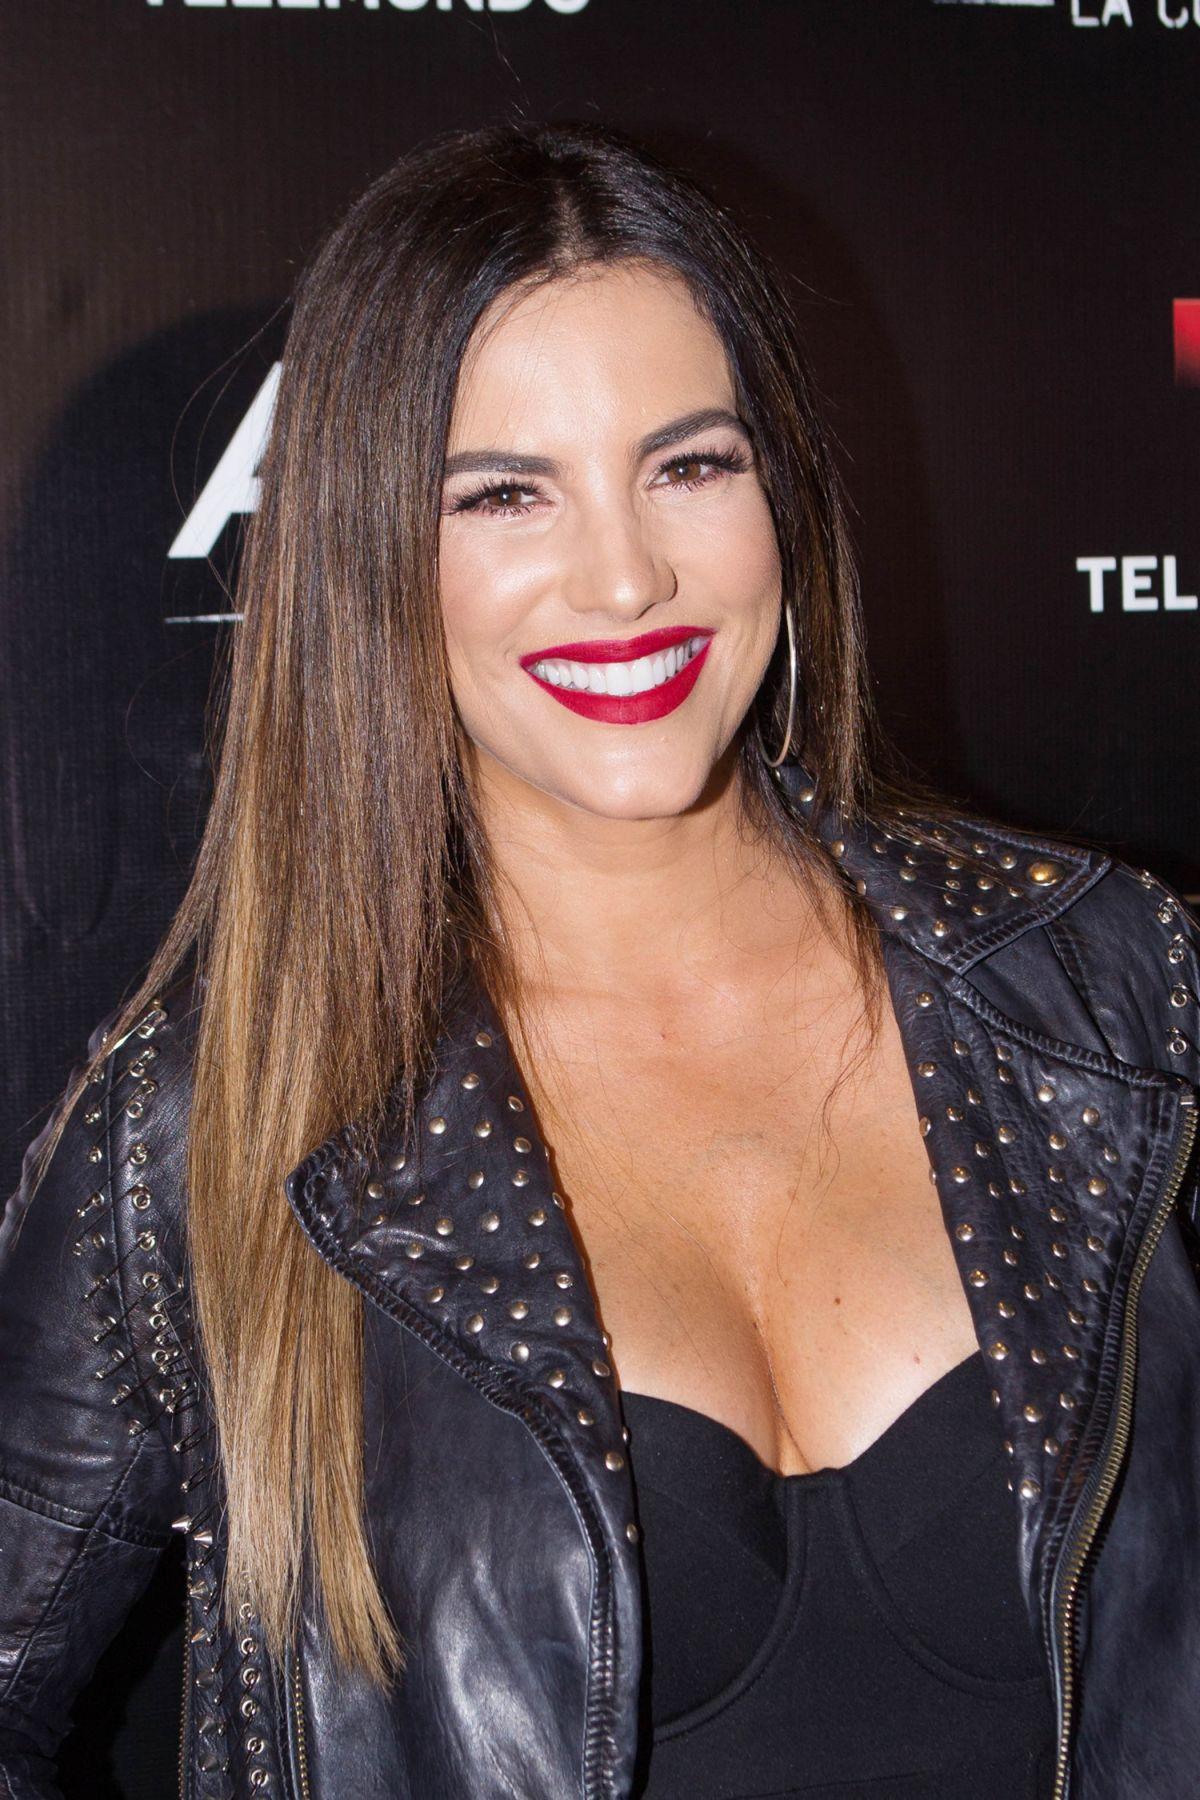 GABY ESPINO at Telemundo's Senora Acero La Coyote Premiere ...  Gaby Espino 2017